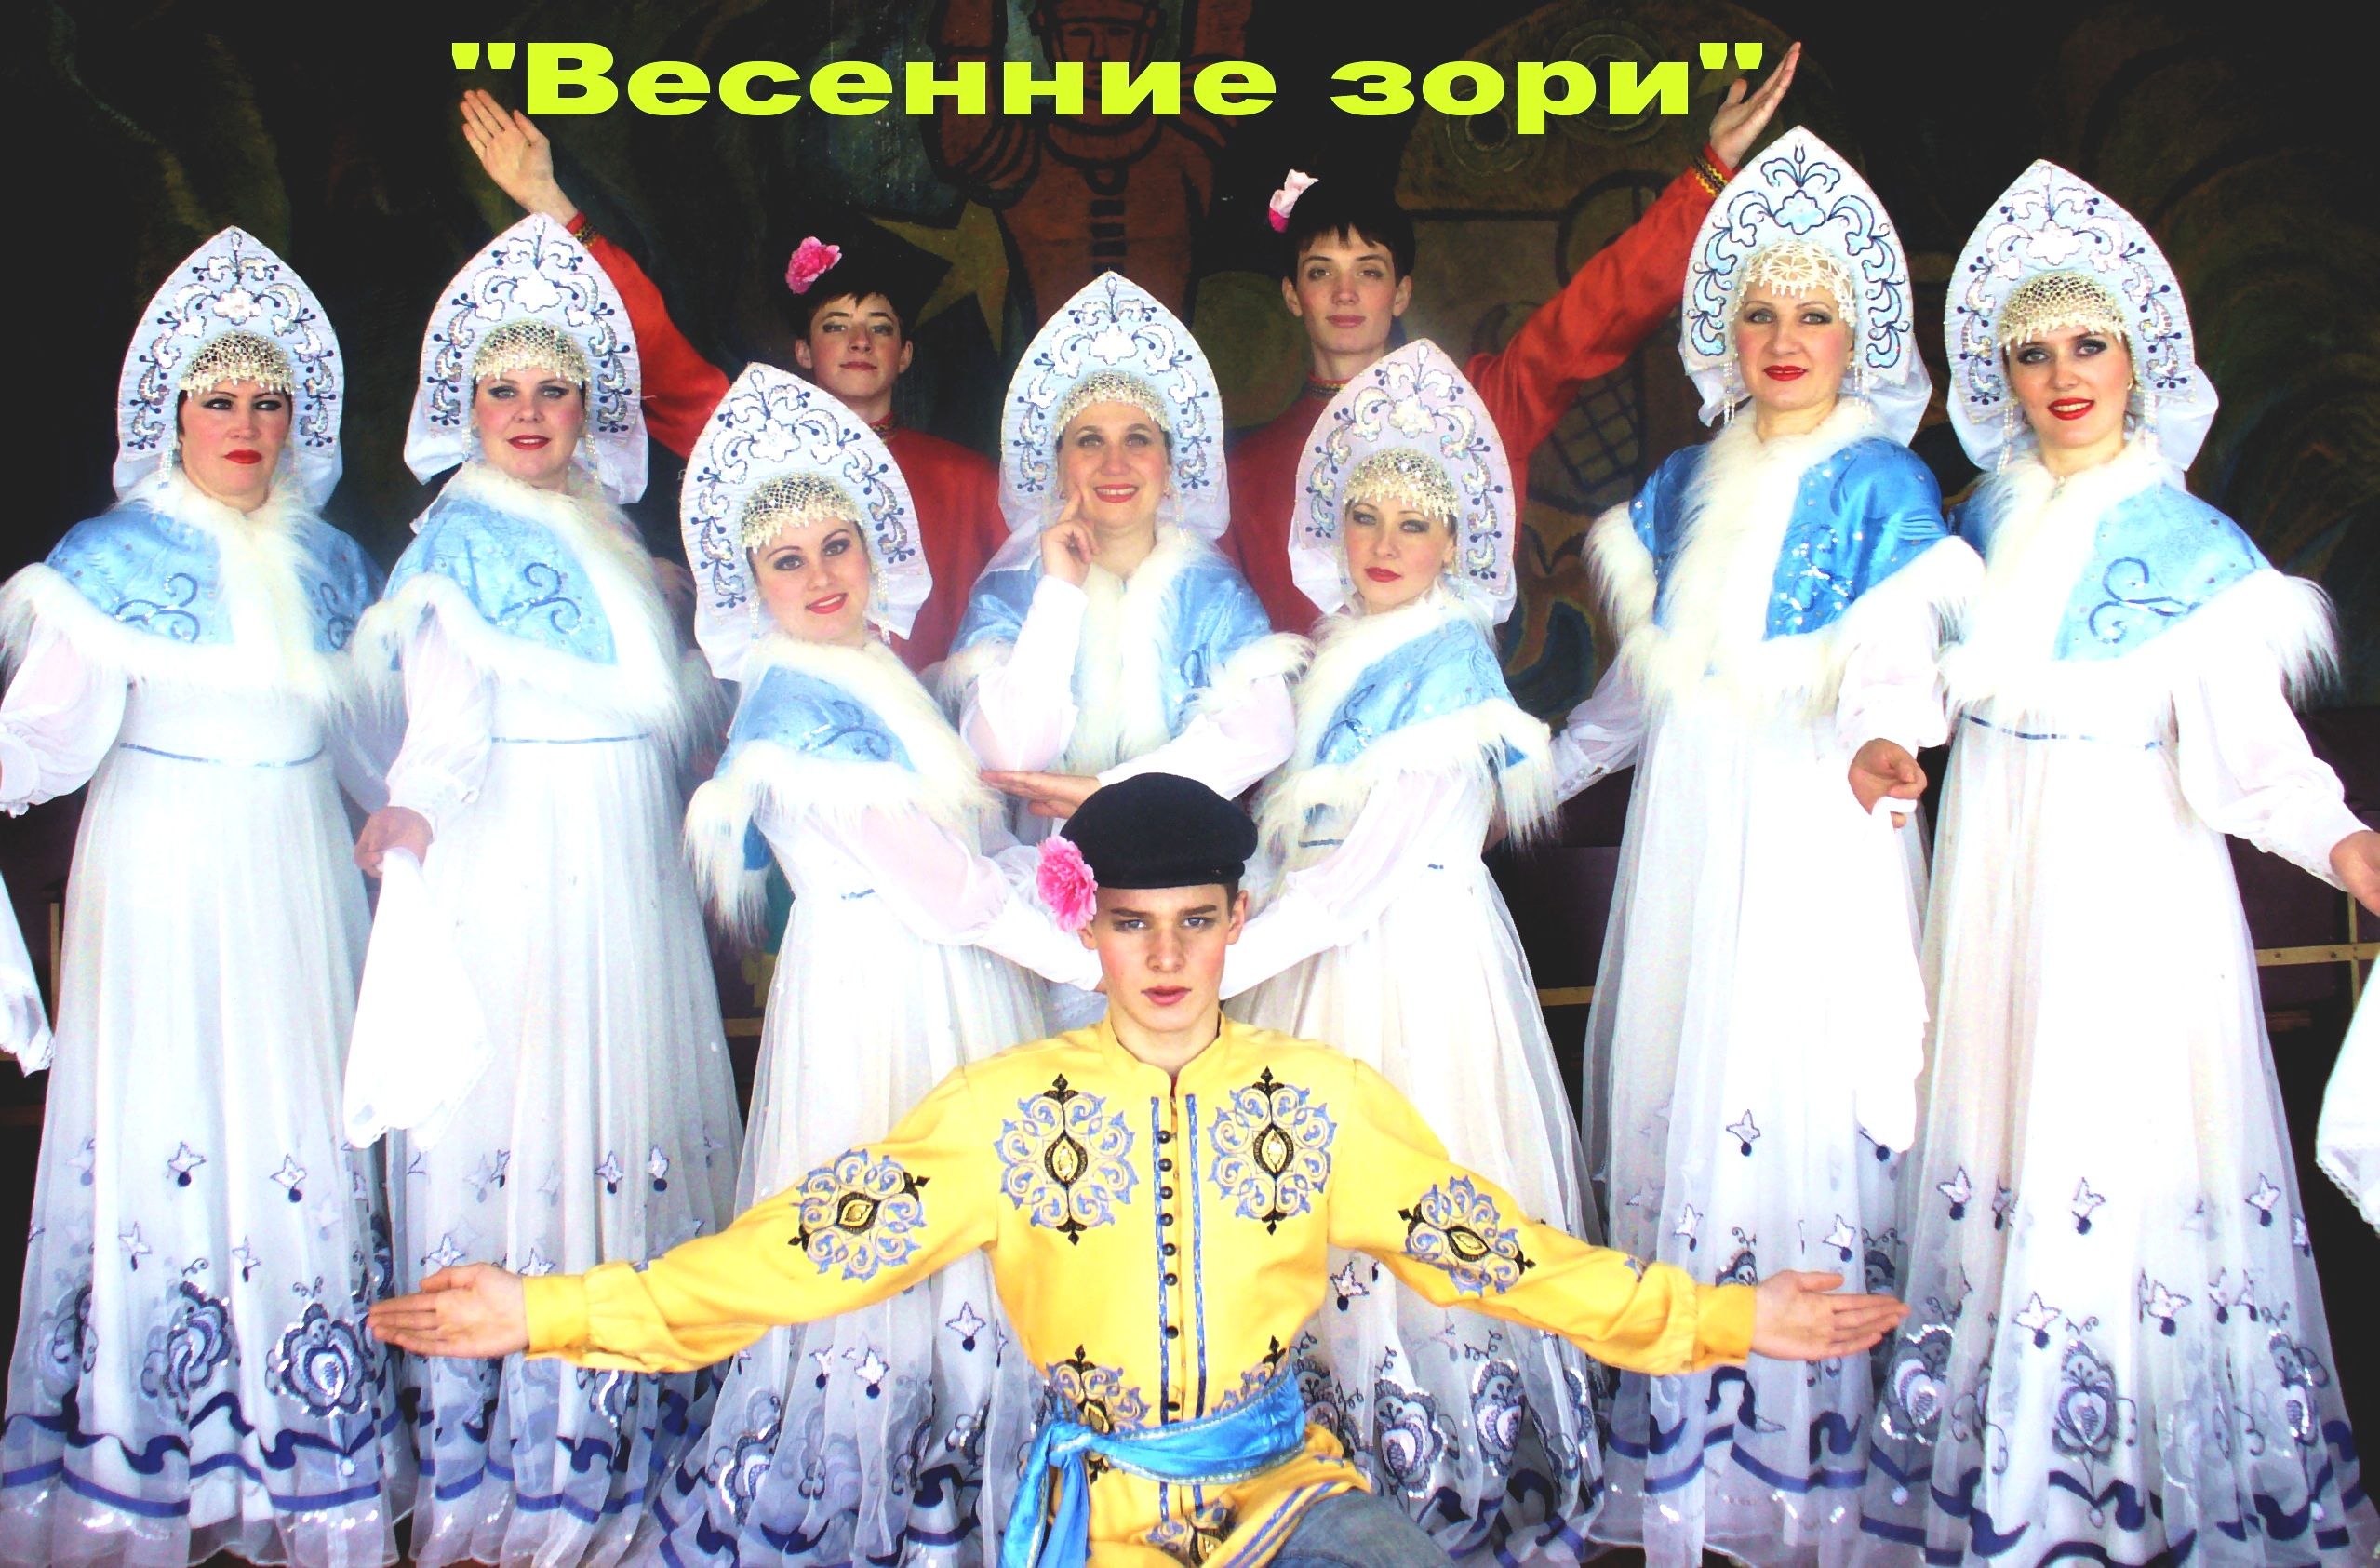 Русские народные лирические песни mp3 скачать бесплатно